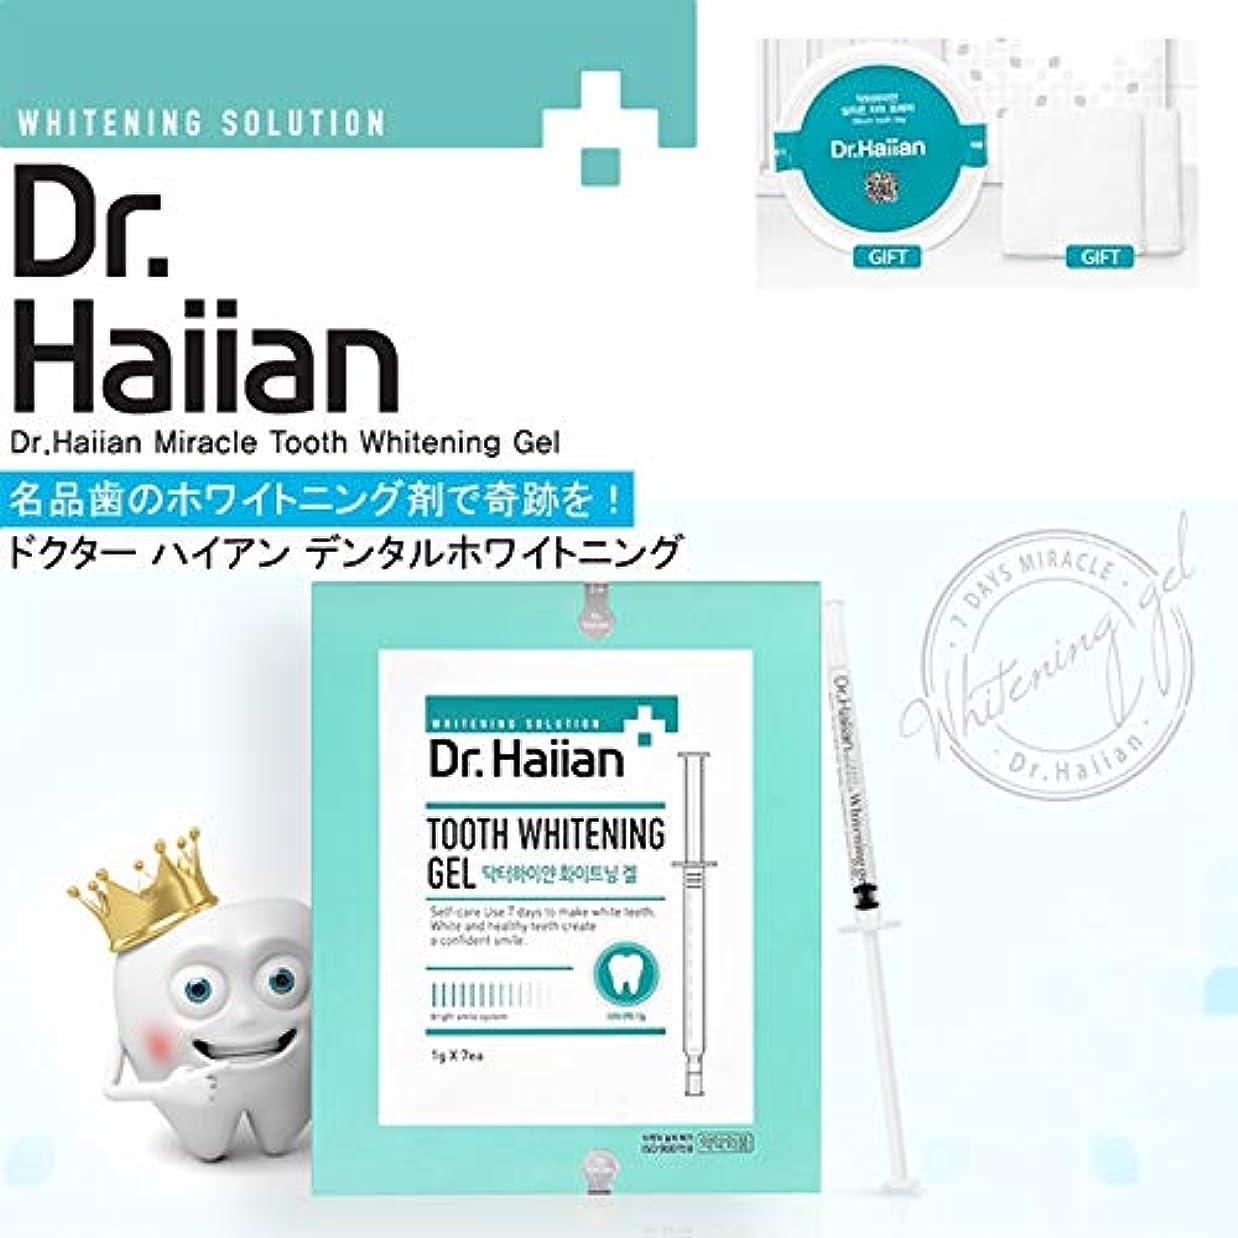 。トラップクリーム[SAMSUNG PHARM]Dr.Haiian 7Days Miracle/7日間の奇跡 [SAMSUNG PHARM]白い歯を管理するための/使ったら歯が白くなる!/Self-Teeth Whitening Agent...